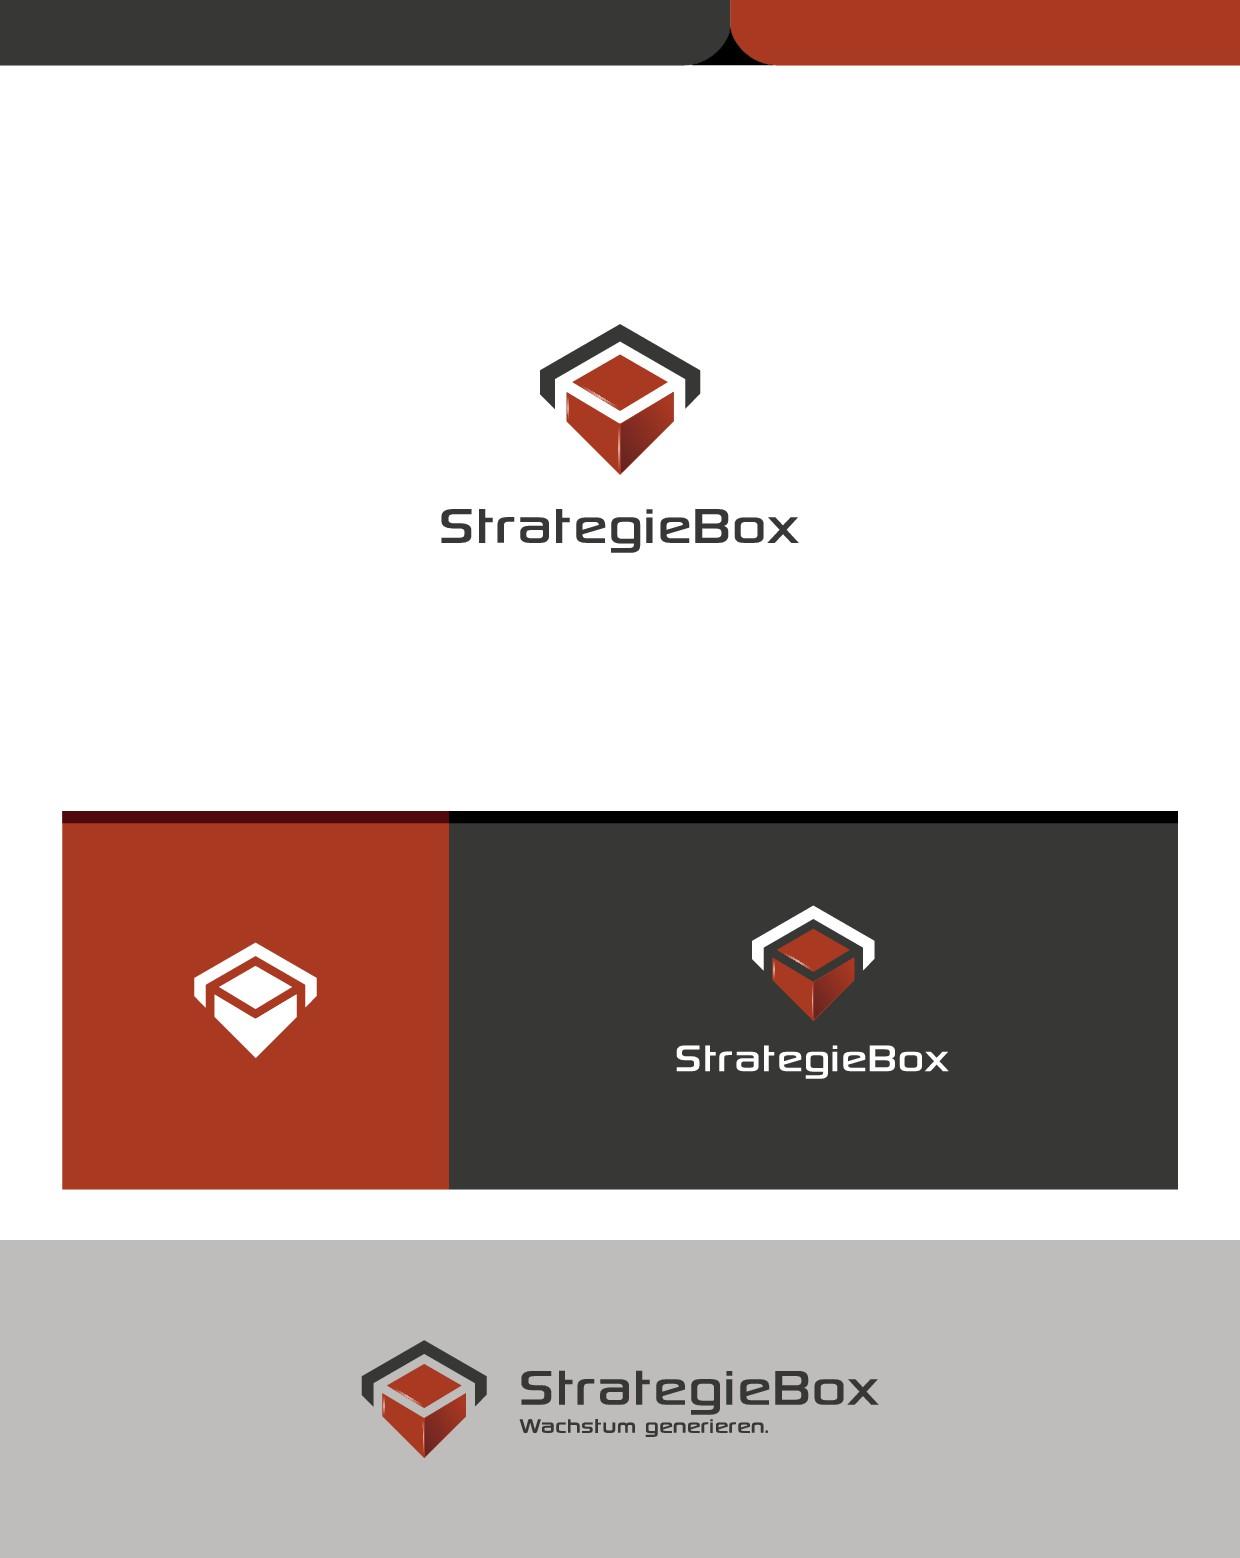 Strategiebox benötigt ein dynamisches Logo